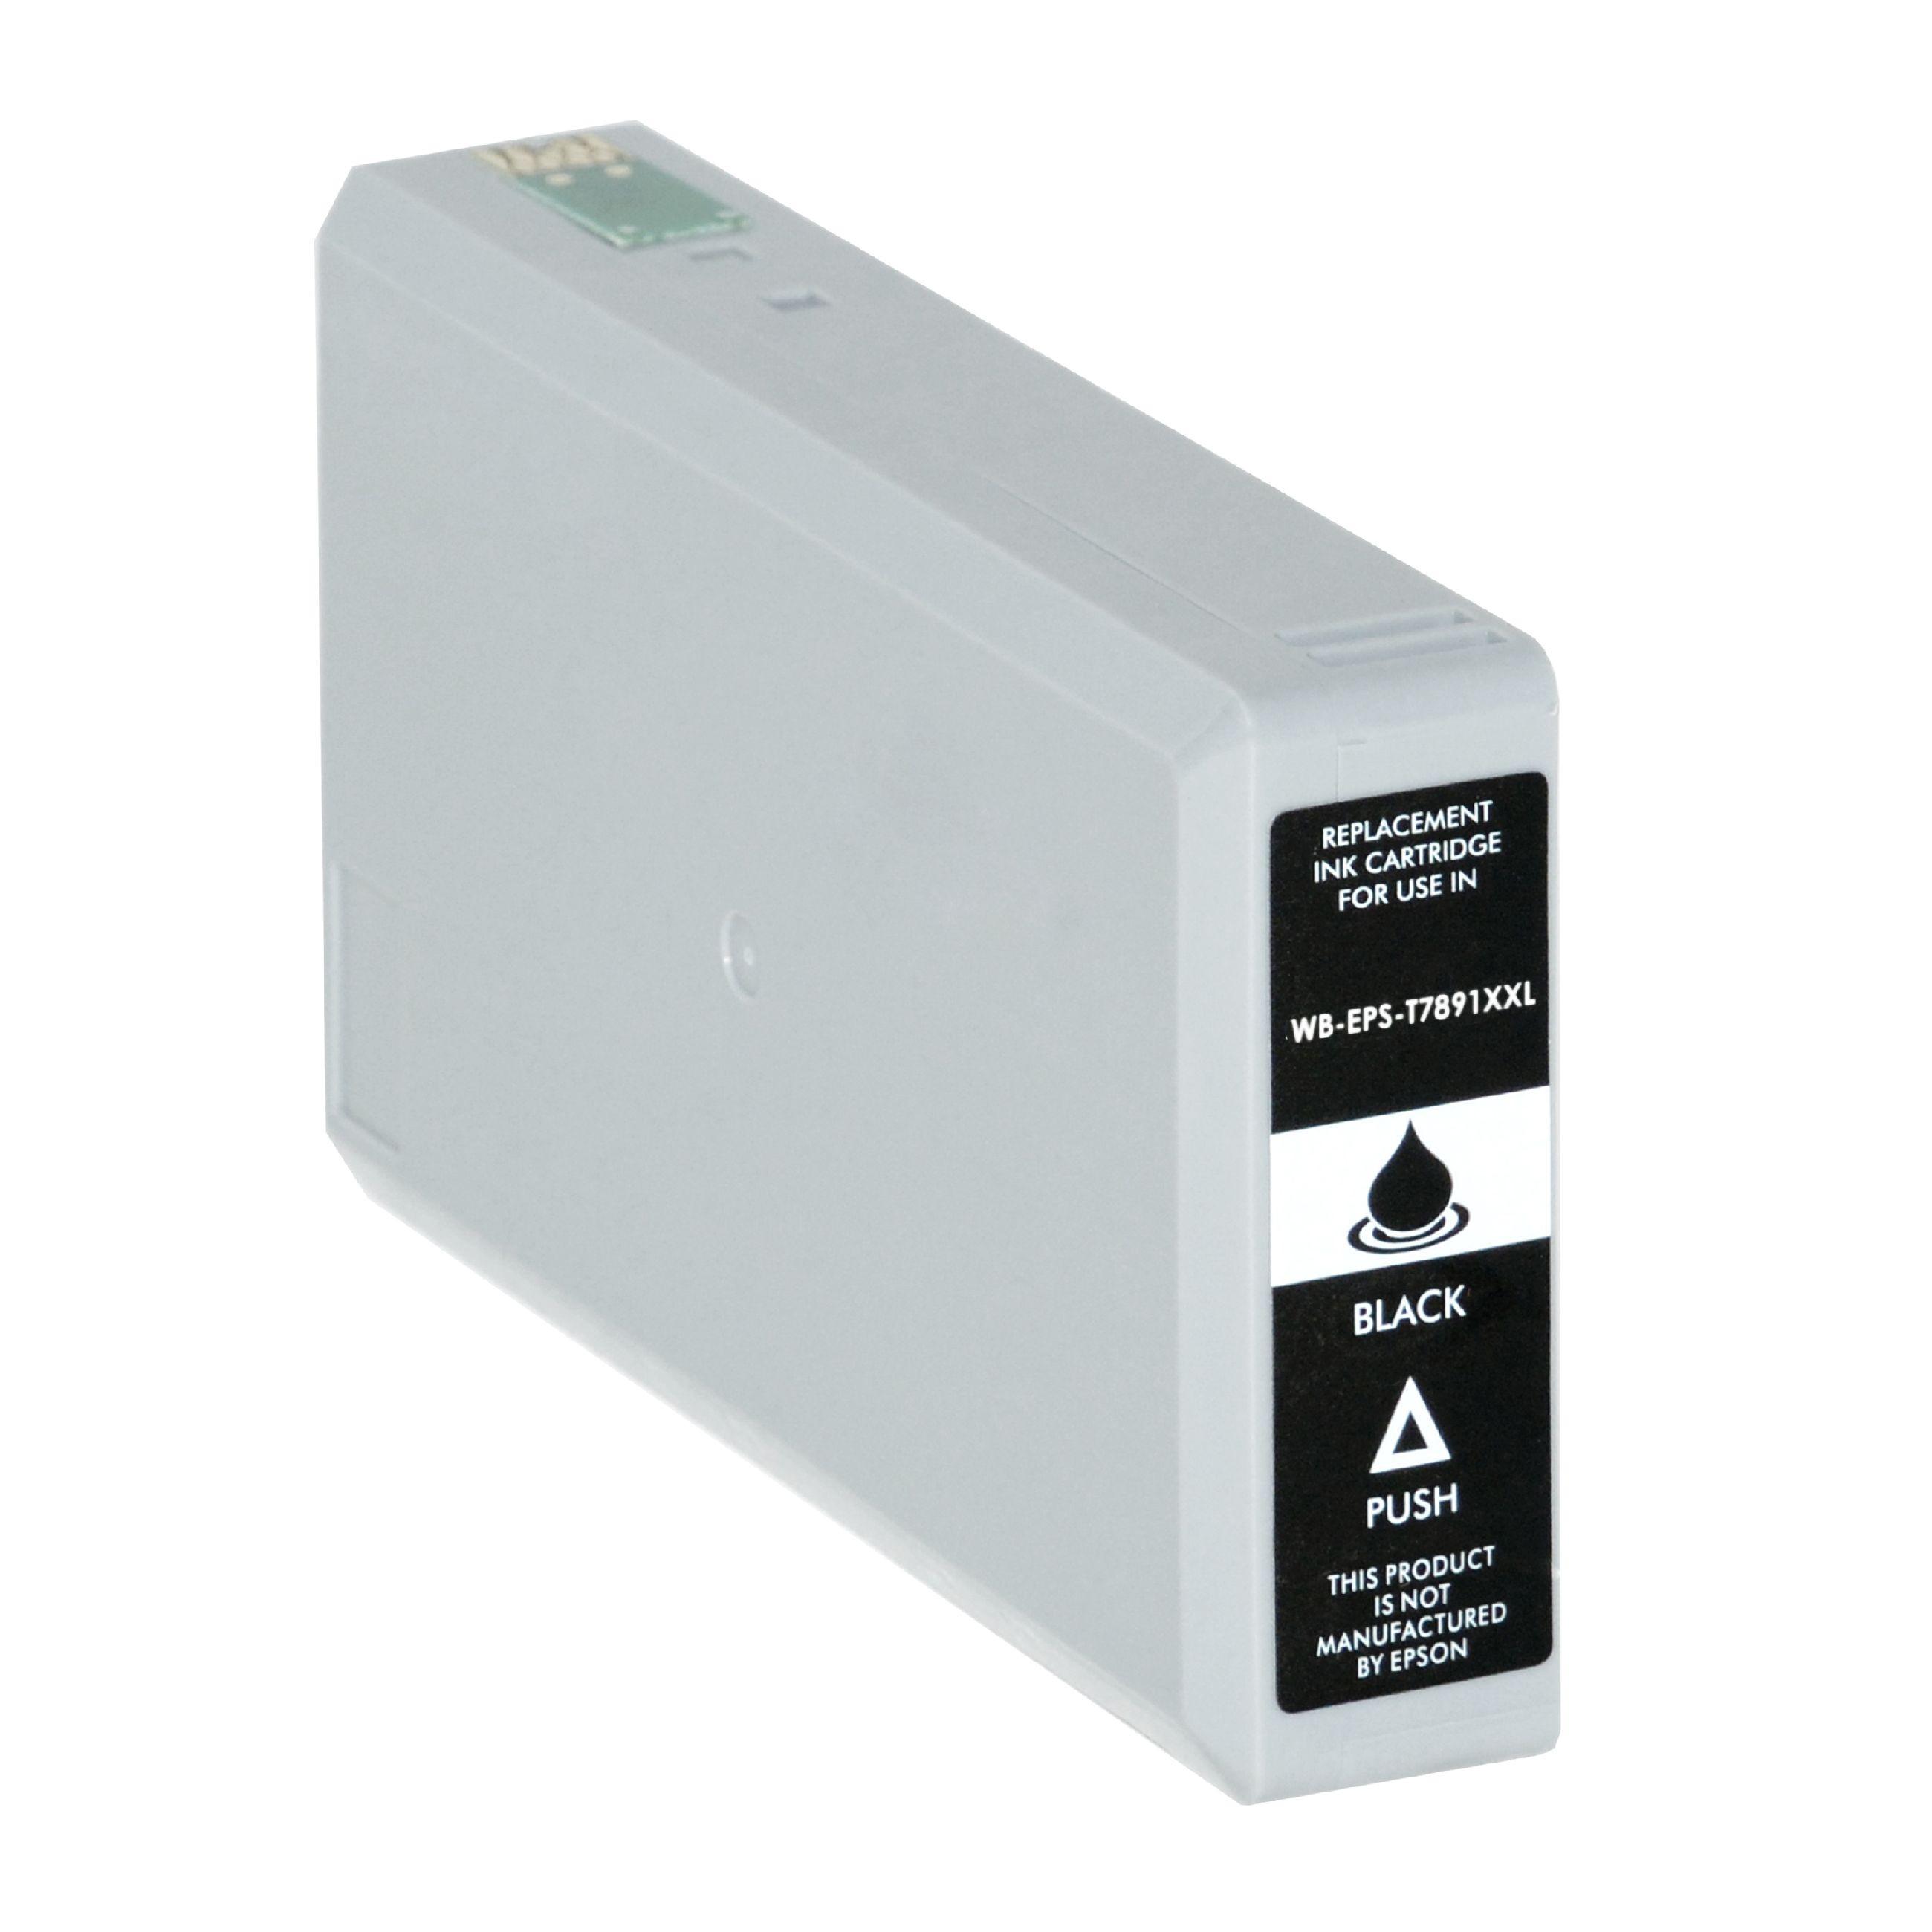 Bild für den Artikel IC-EPST7891bk: Alternativ-Tinte Epson T7891 / C13T789140 in schwarz